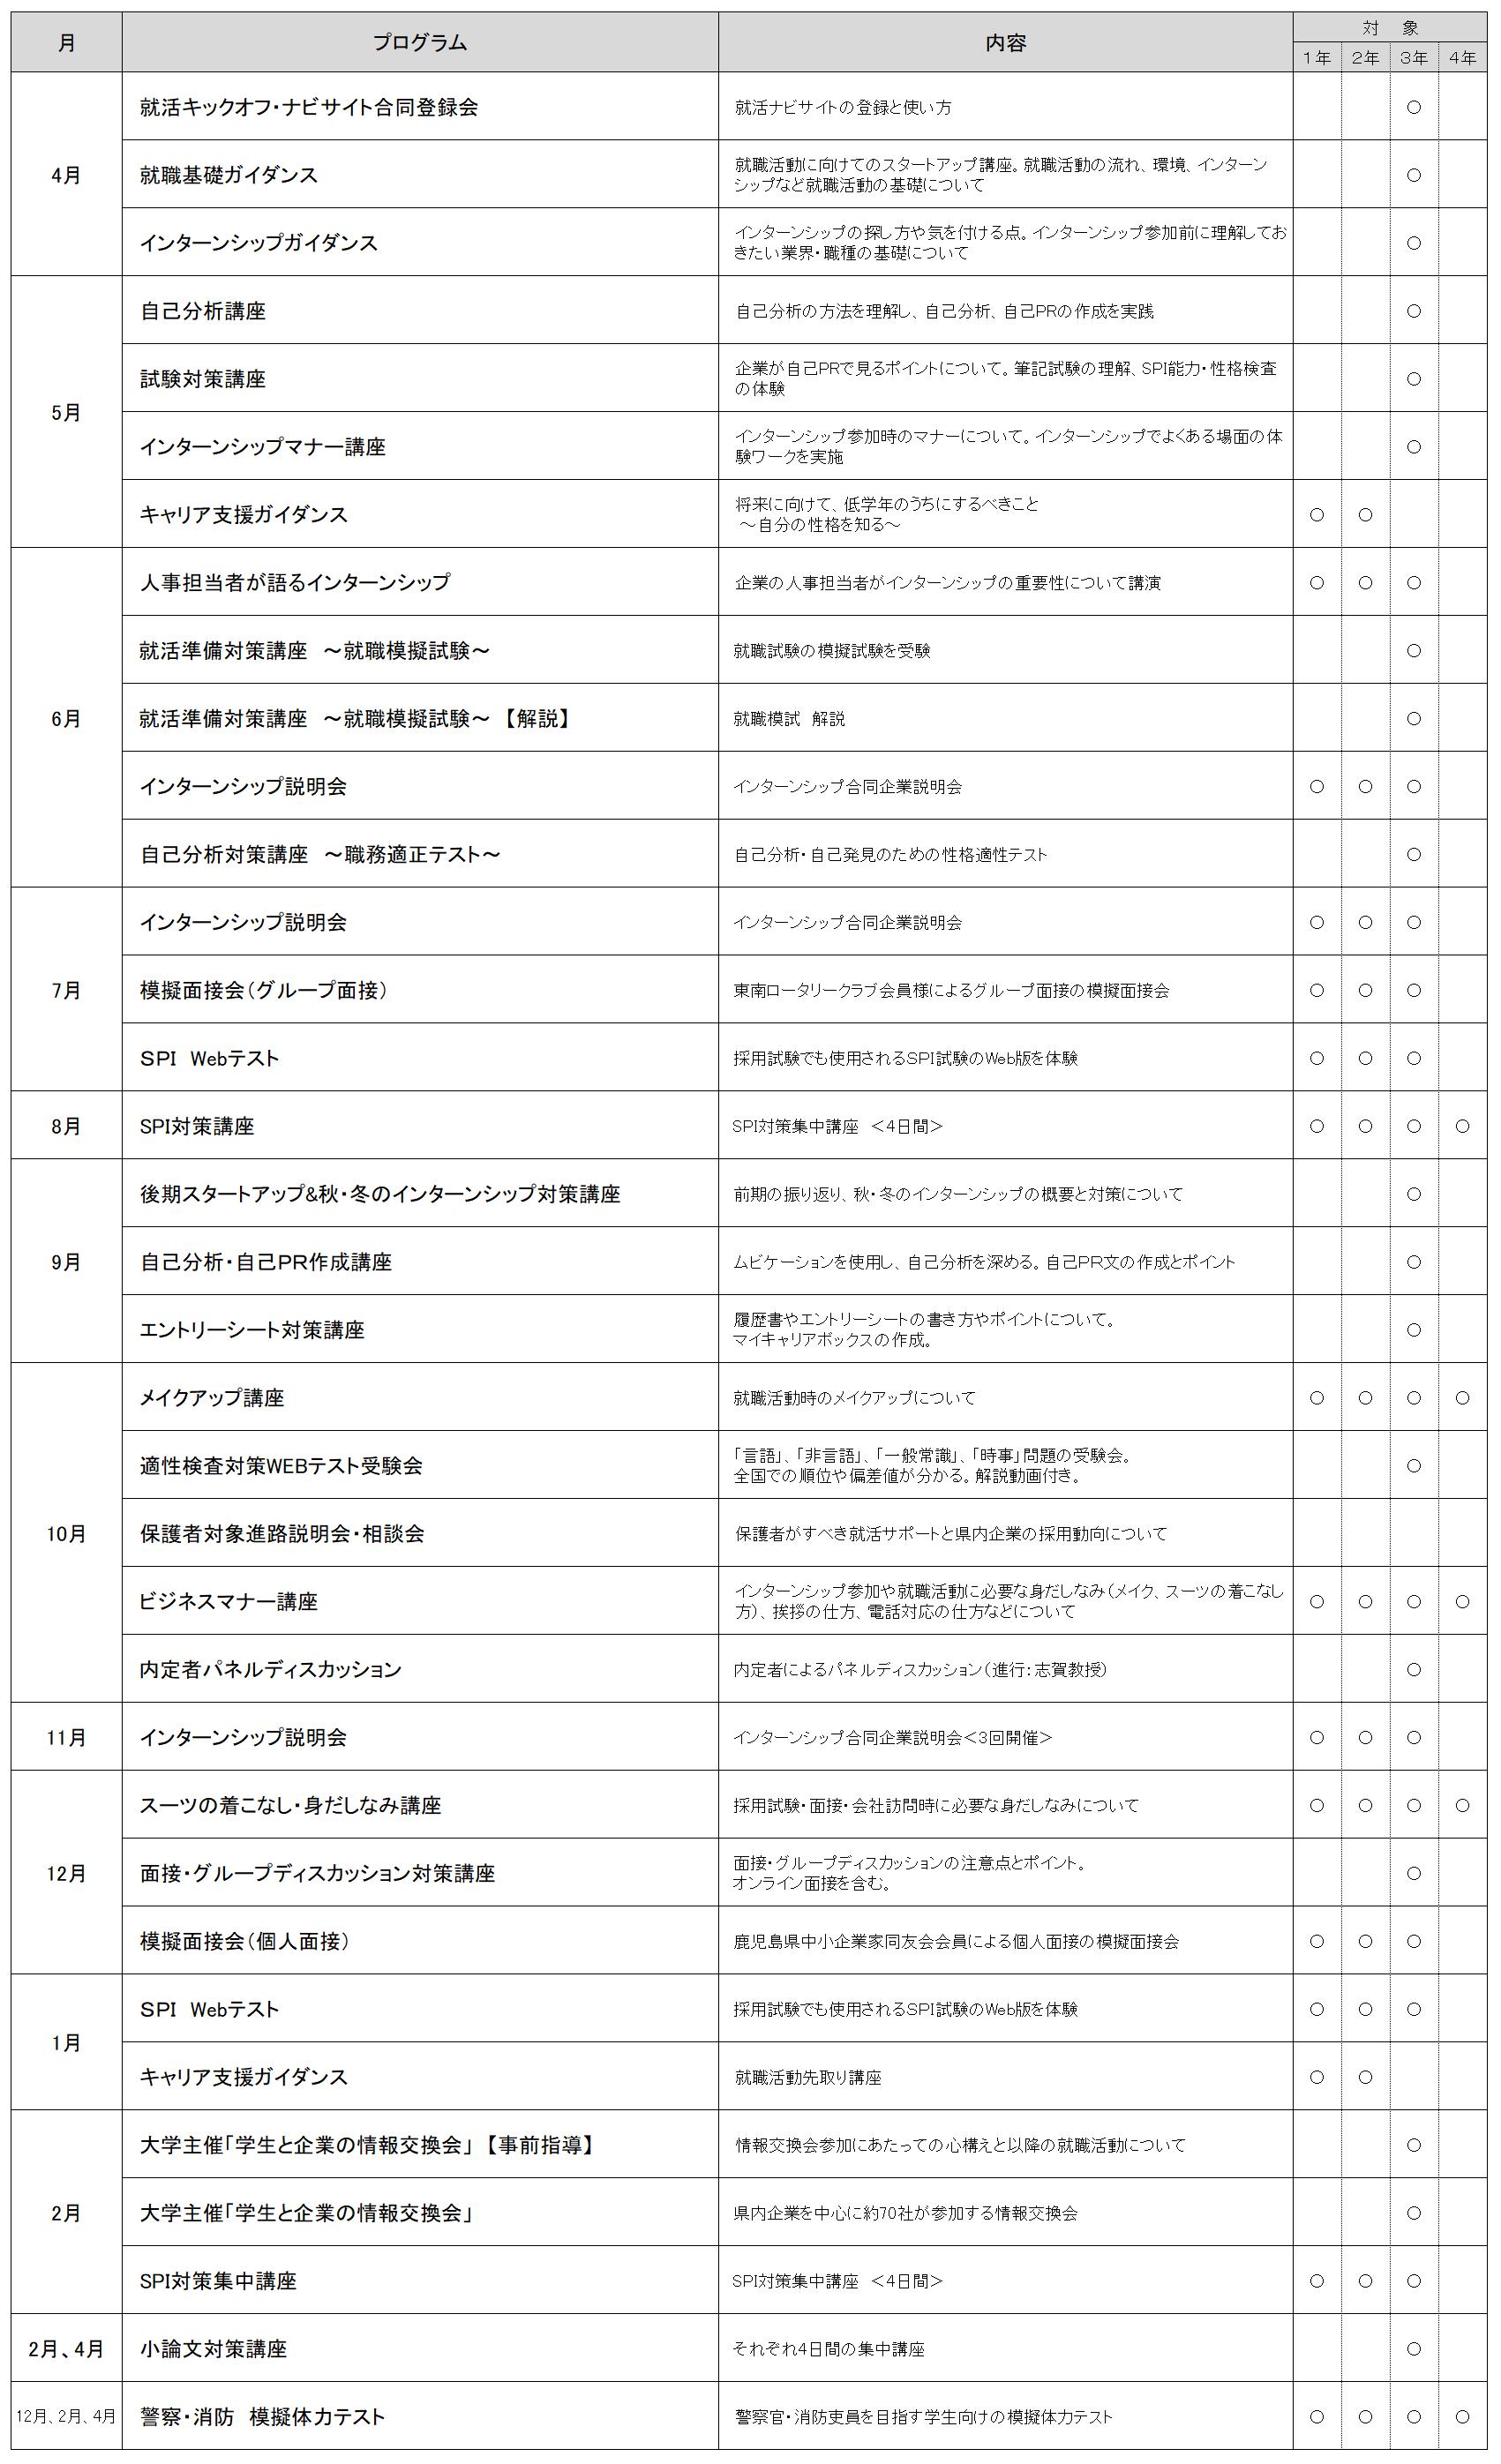 HP用_2021就職支援年間スケジュール0501.png